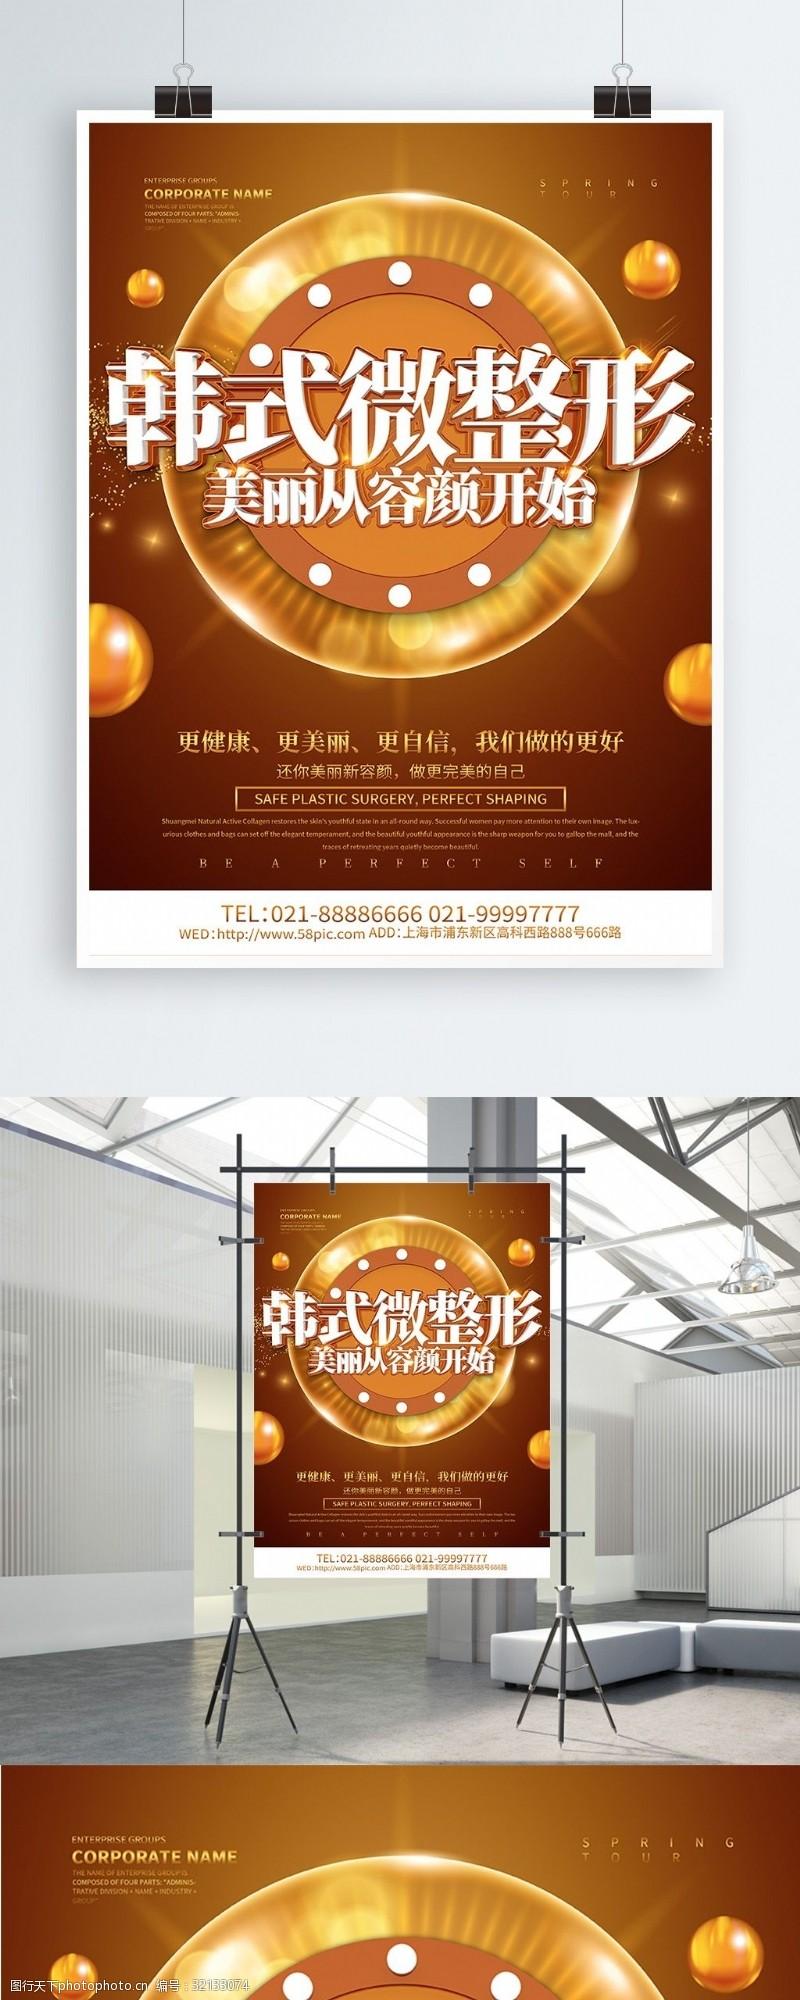 整形医疗韩式微整形美容宣传海报设计